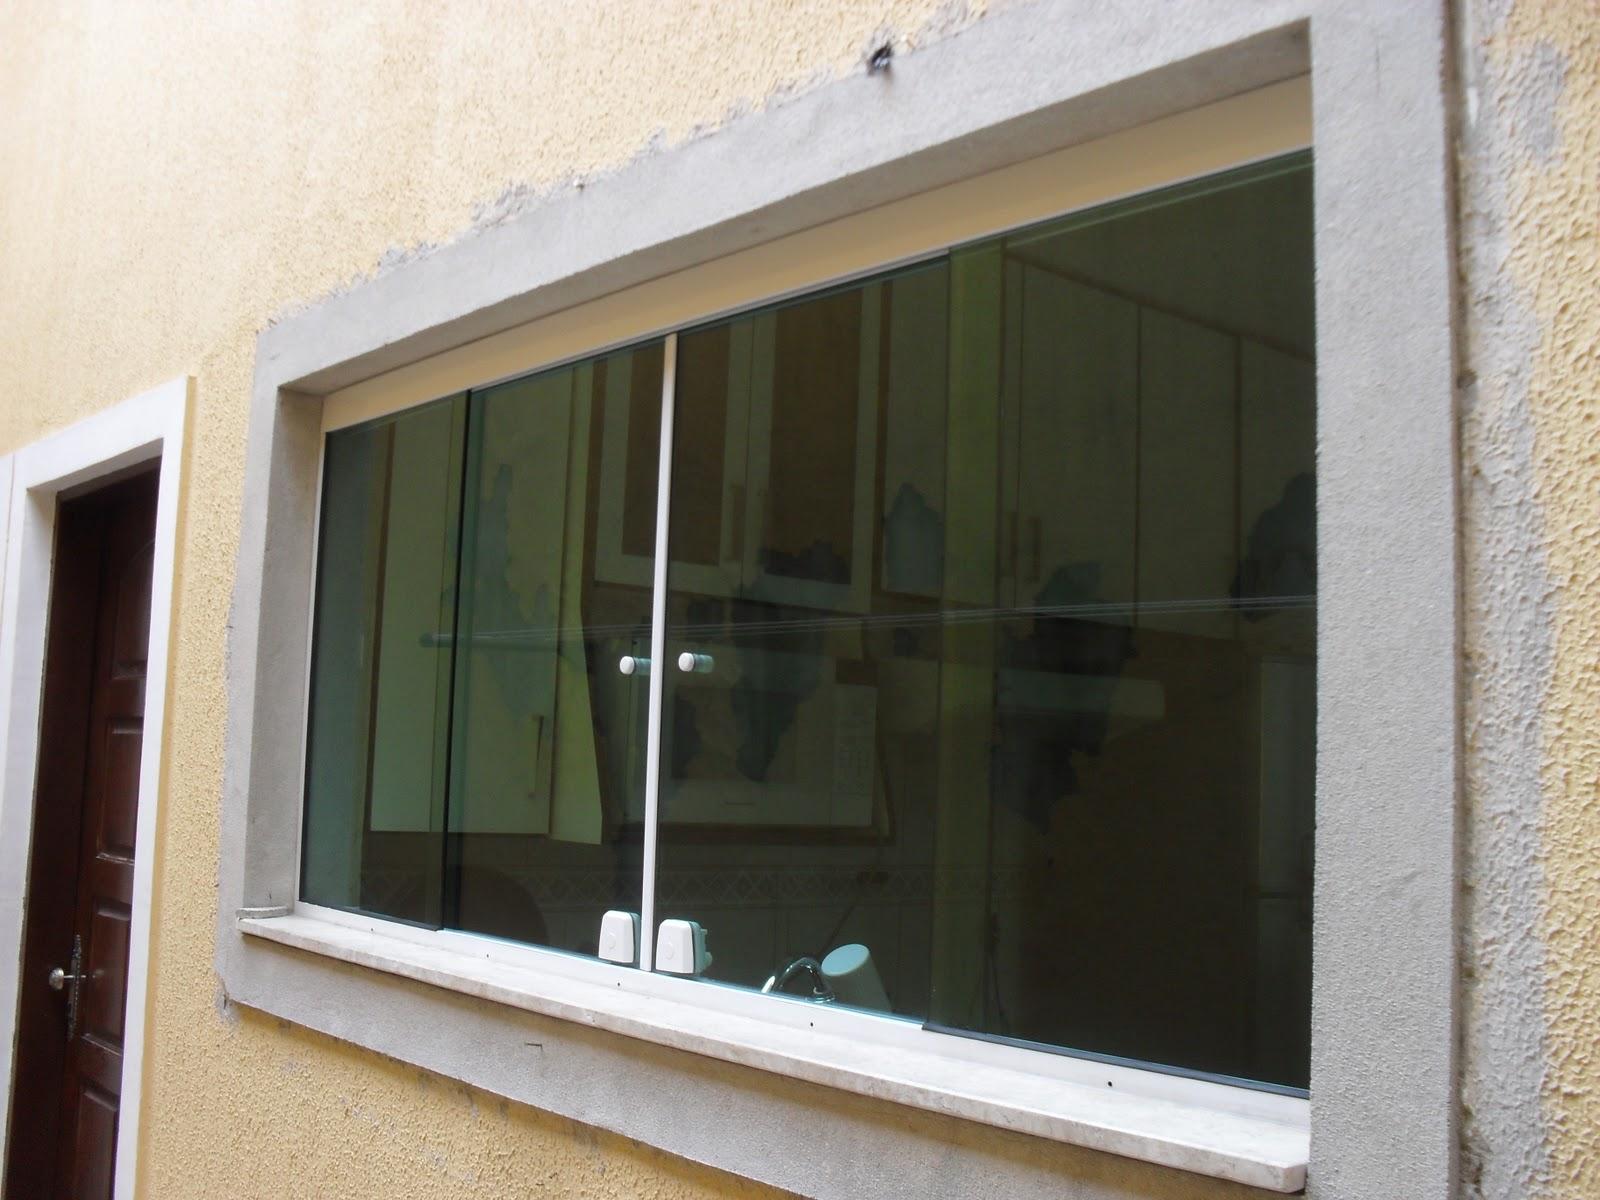 #856D46 Vidro Temperado Blindex03 Vidros Temperados Blindex HD Walls Find  310 Janelas De Vidro Temperado Em Arco